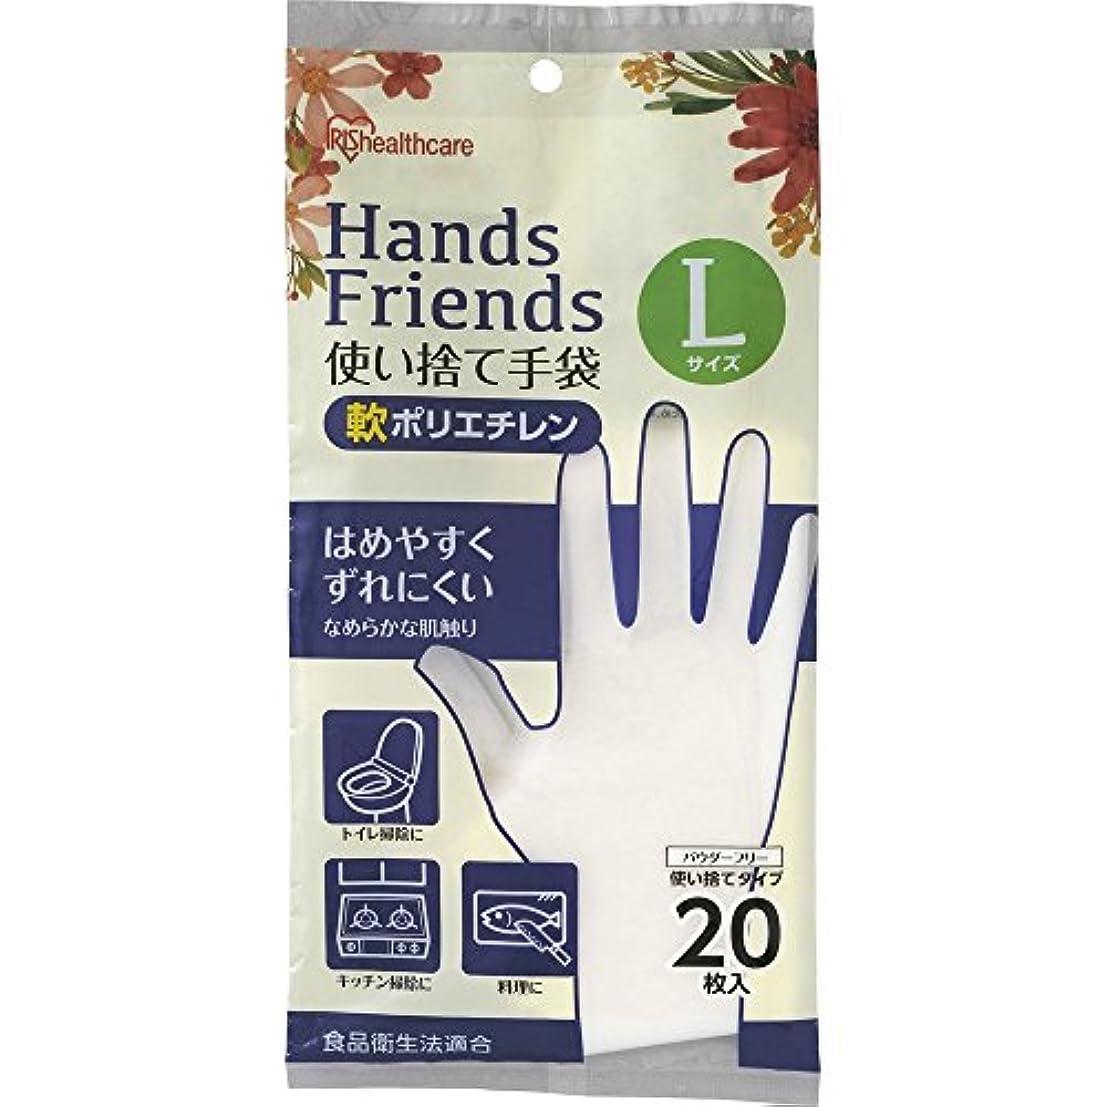 詐欺師ロシア一時解雇する使い捨て手袋 軟ポリエチレン手袋 Lサイズ 粉なし パウダーフリー クリア 20枚入